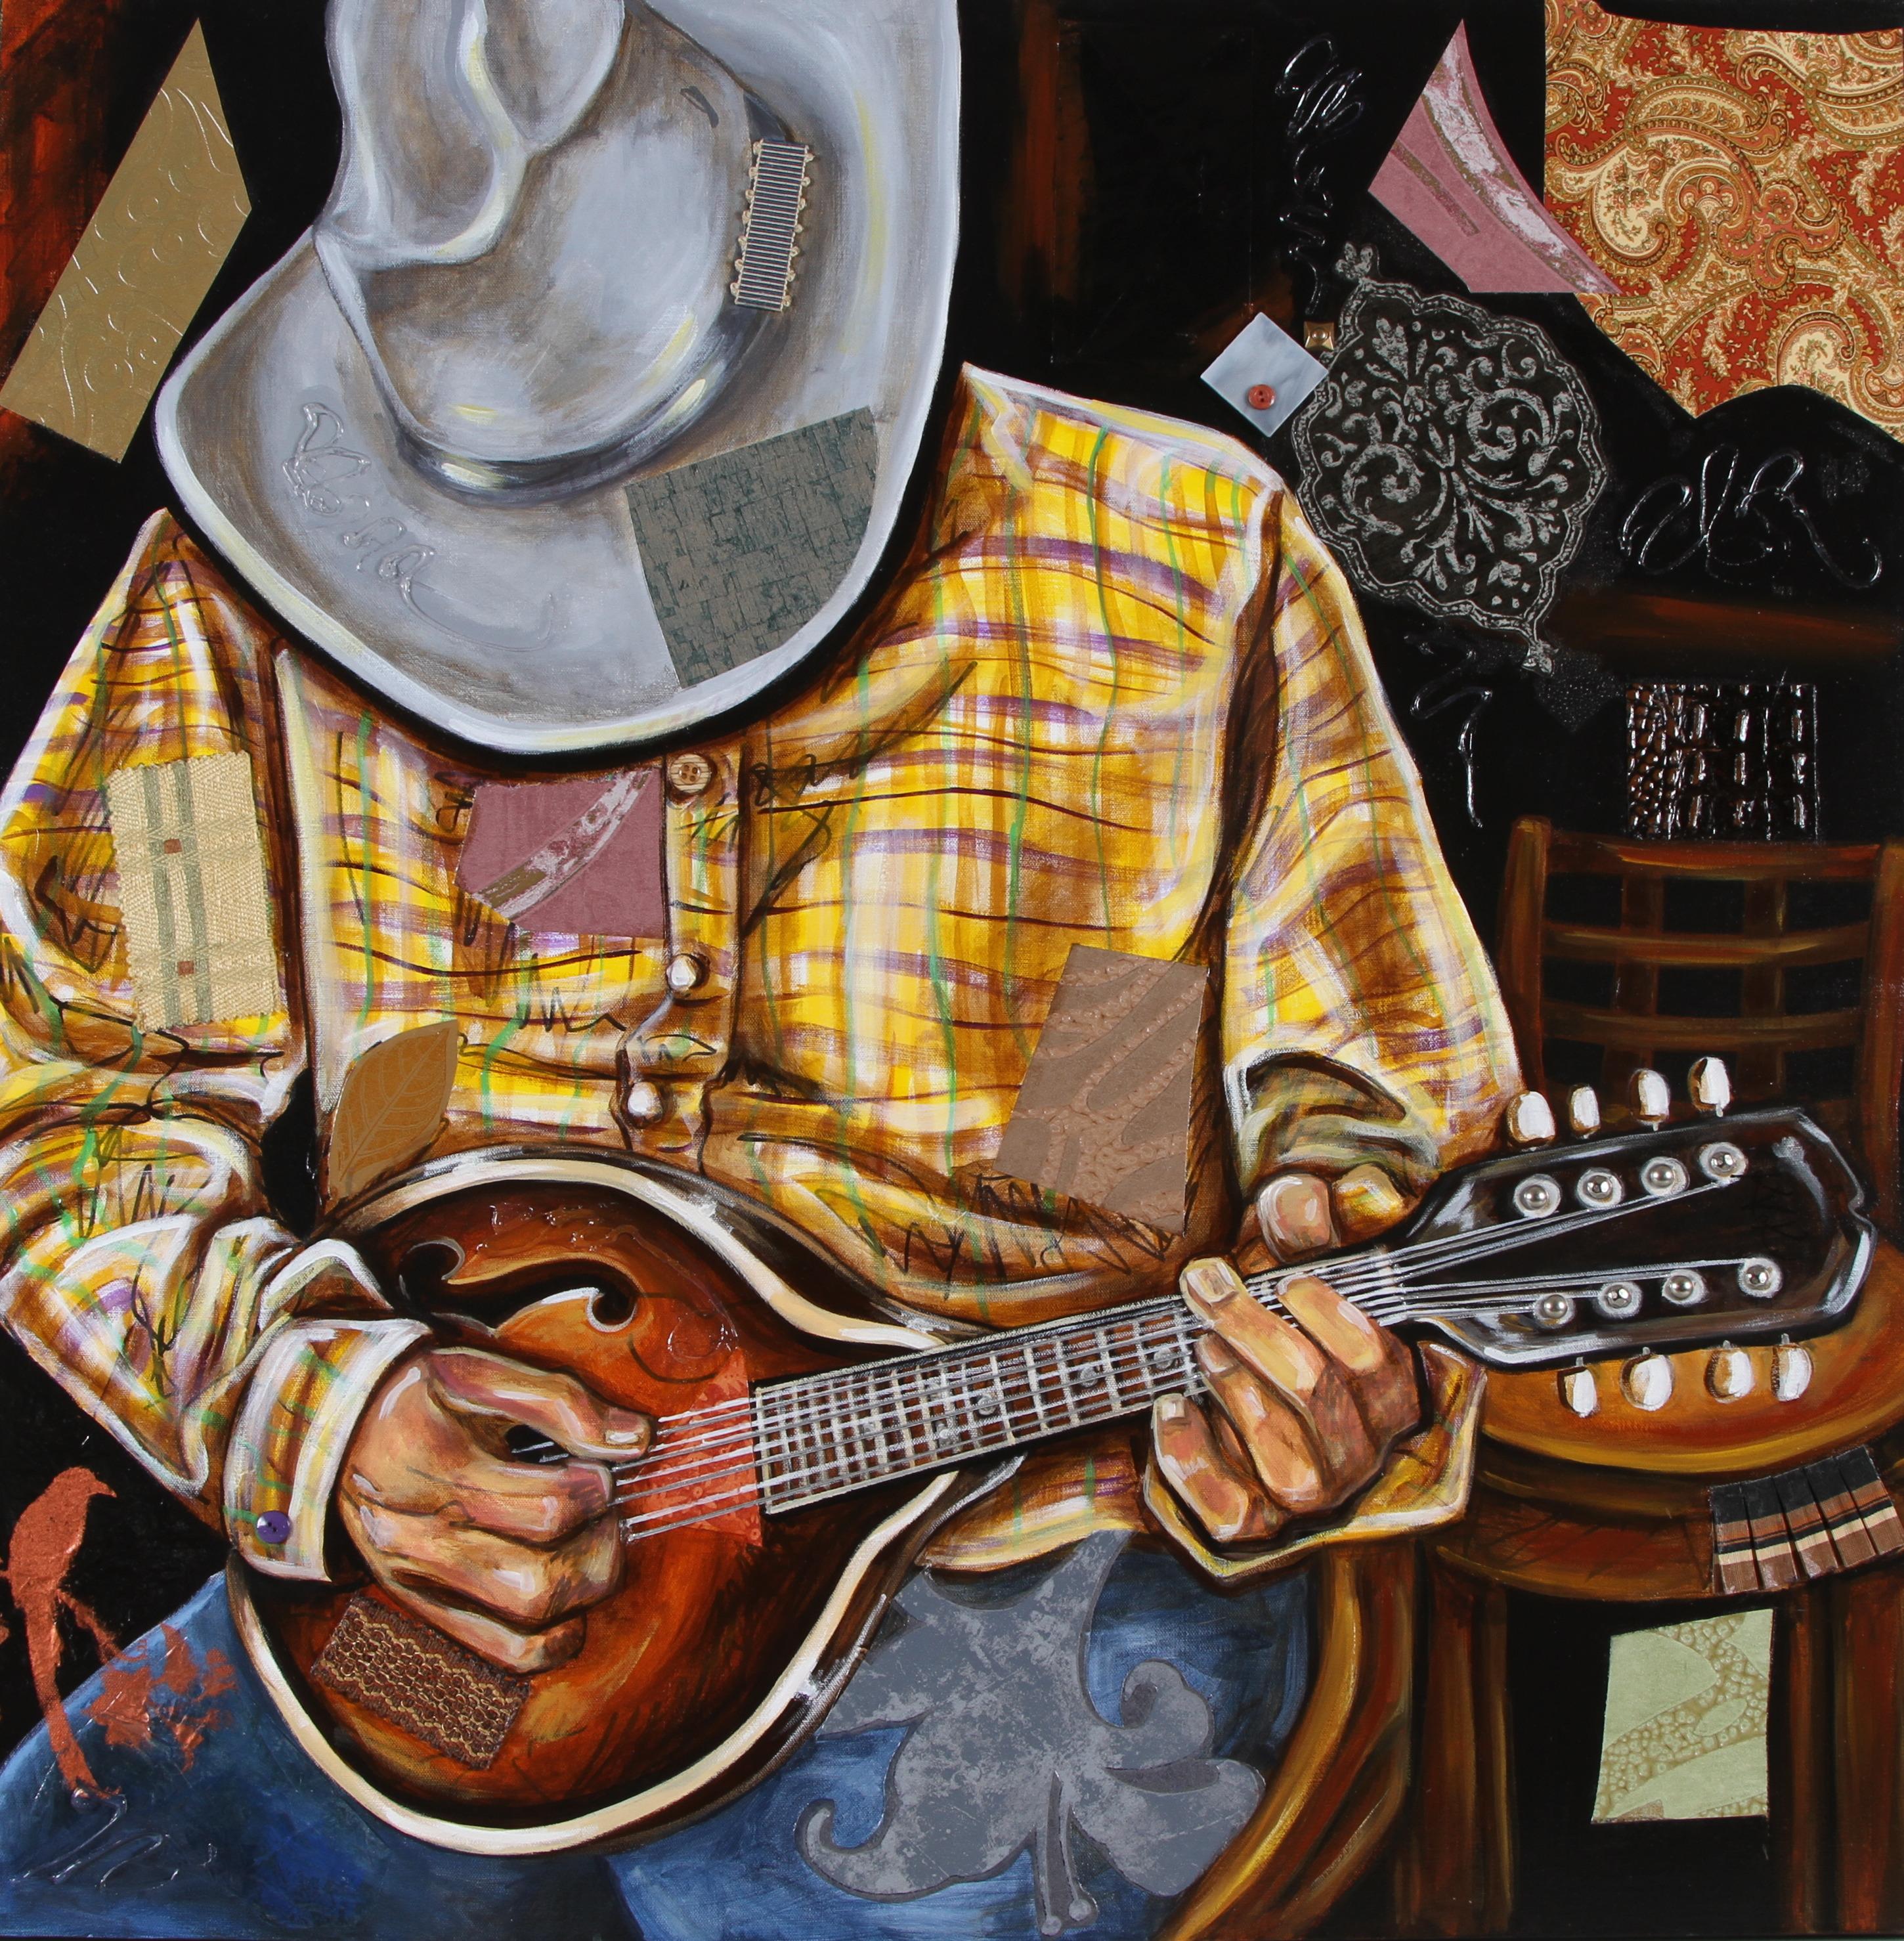 Vaquero de the mandolin bappqy